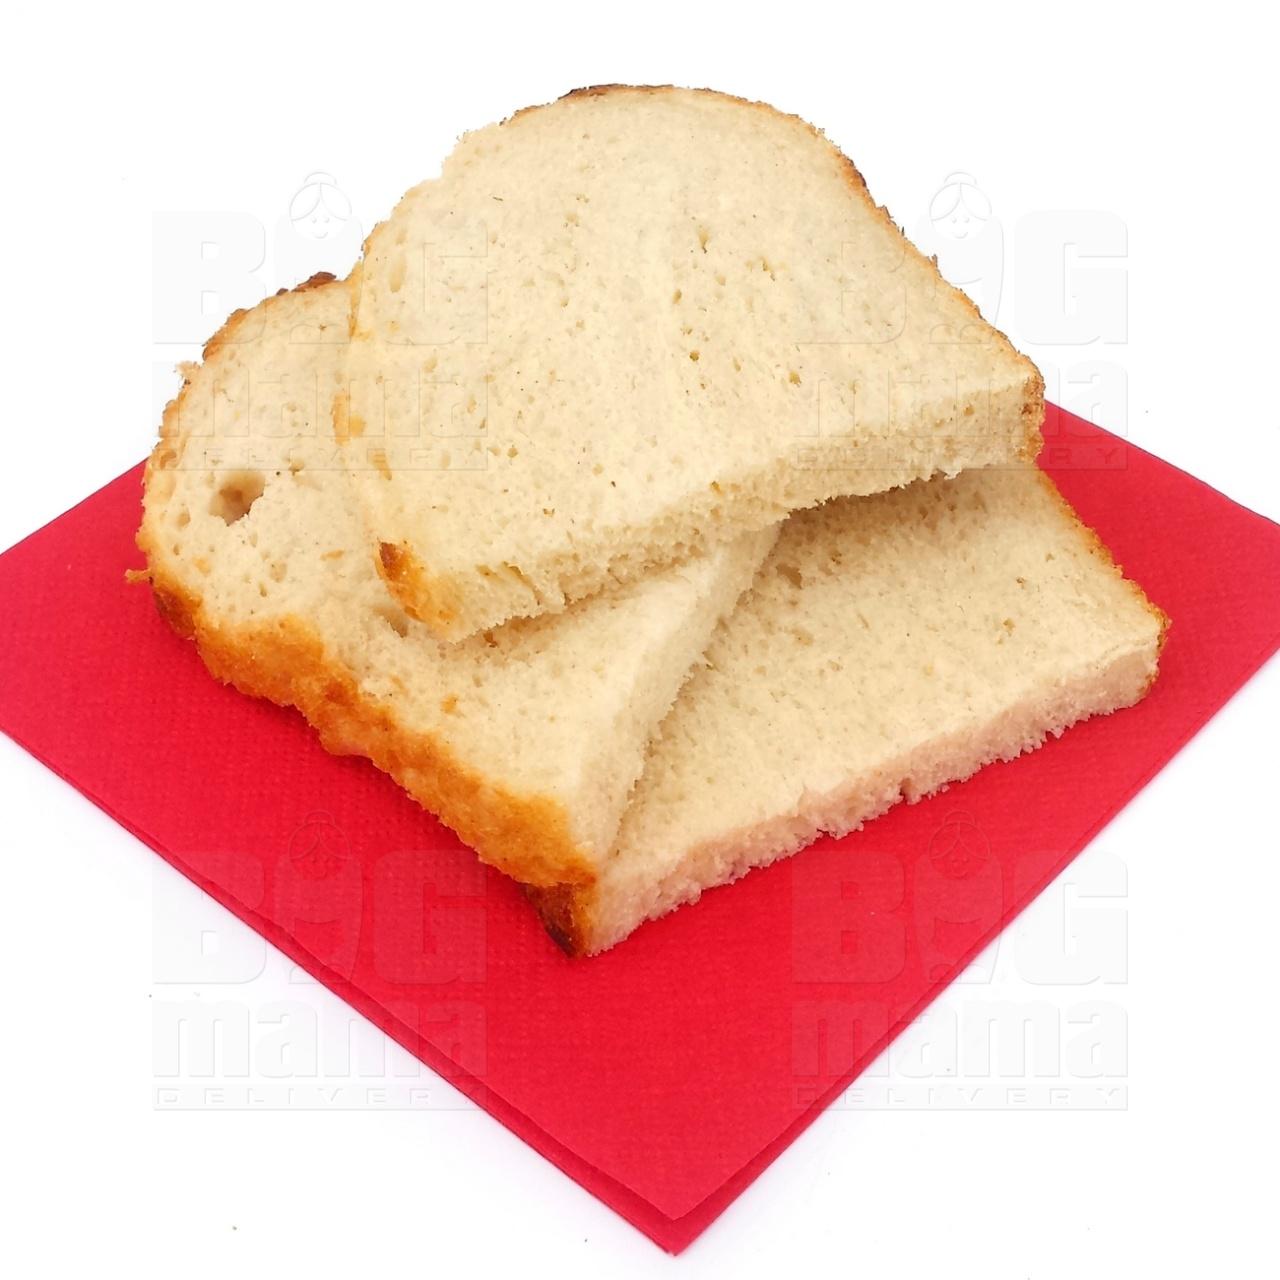 Product #67 image - Pâine feliată